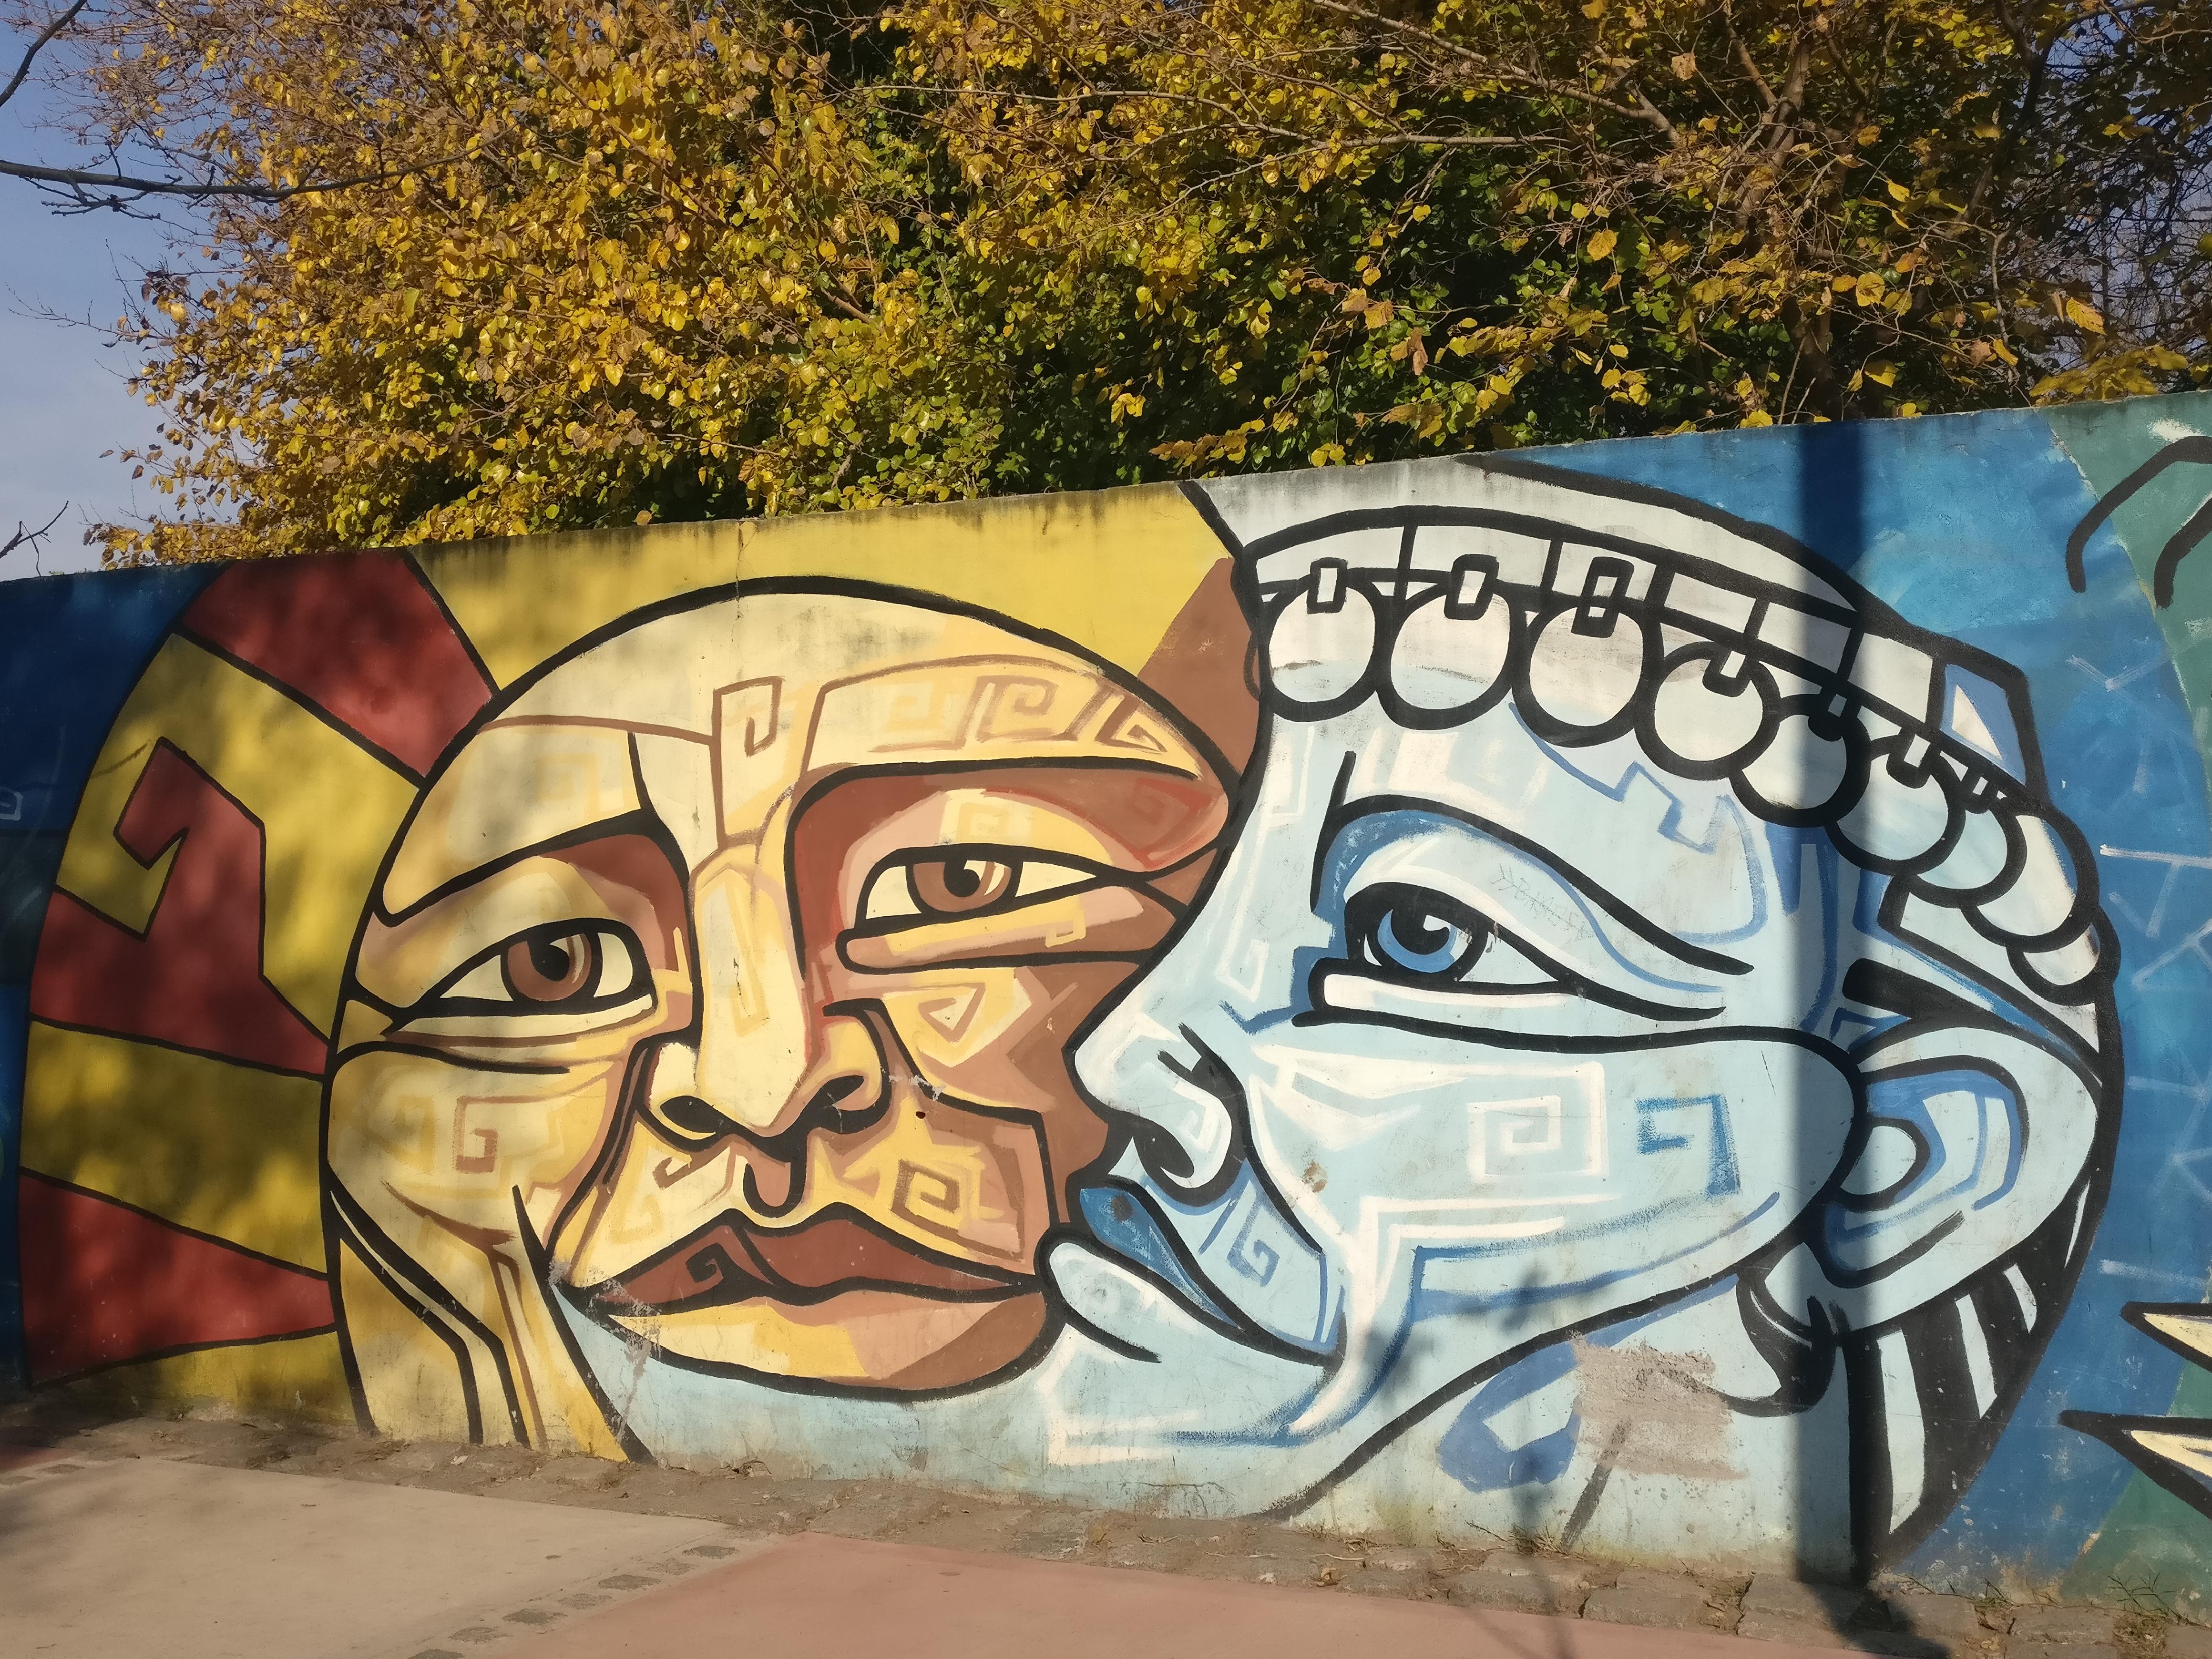 buenos aires argentine street art